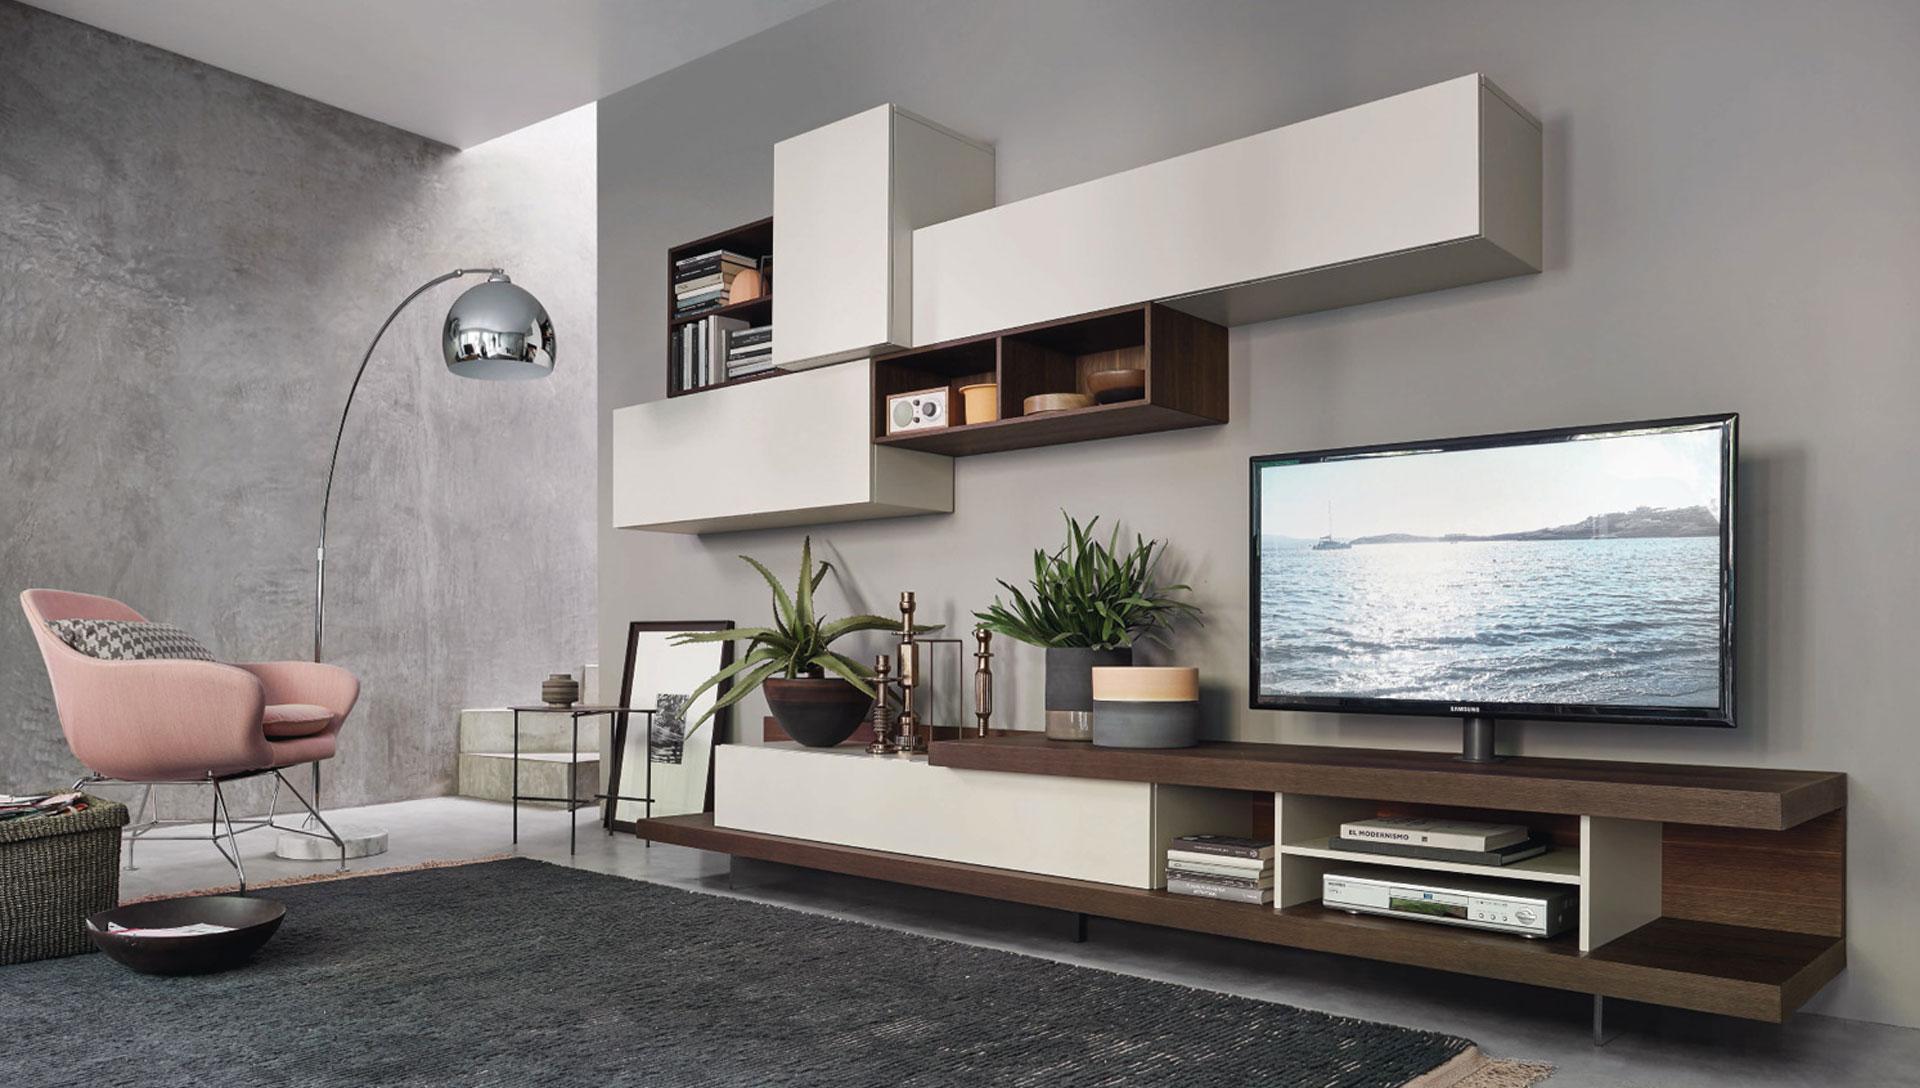 complementi-arredo-san-giacomo-comodus-arredamenti-nicoletti-interni-interior-design-divani-complementi-arredo-mobili-design-accessori-matera